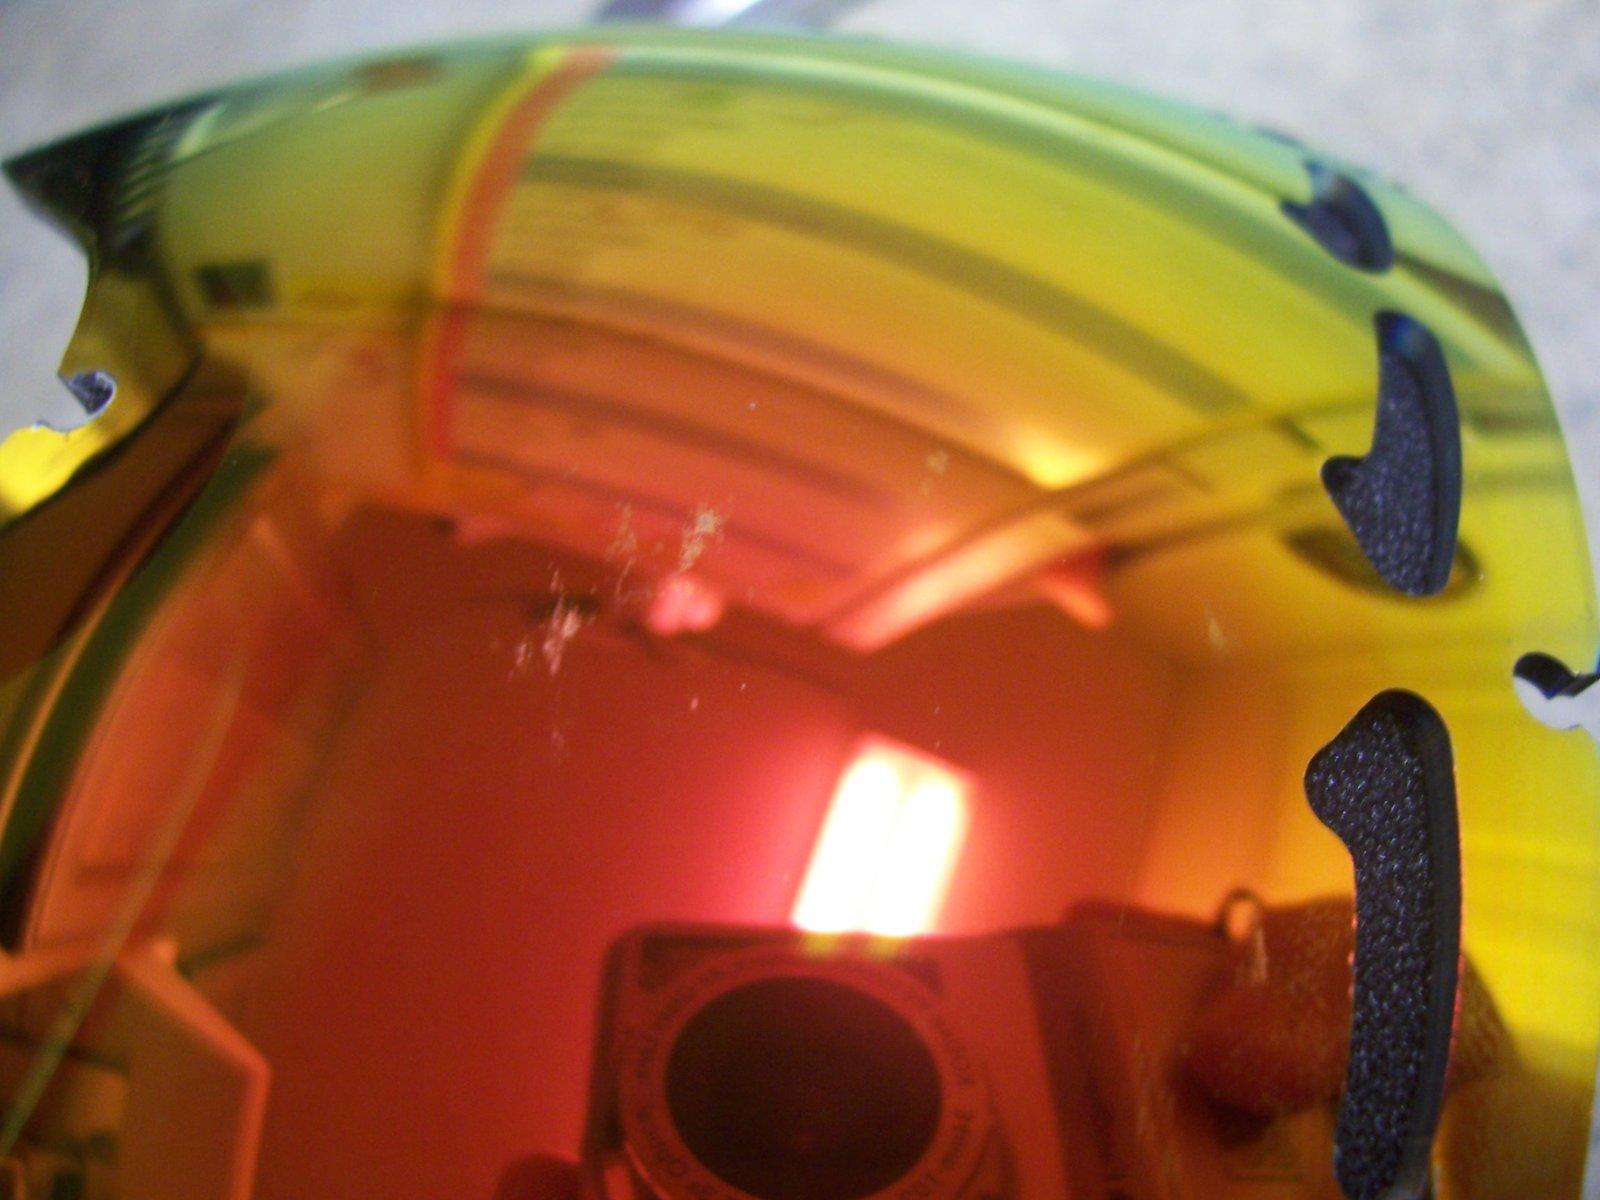 Cbar fire lens 2